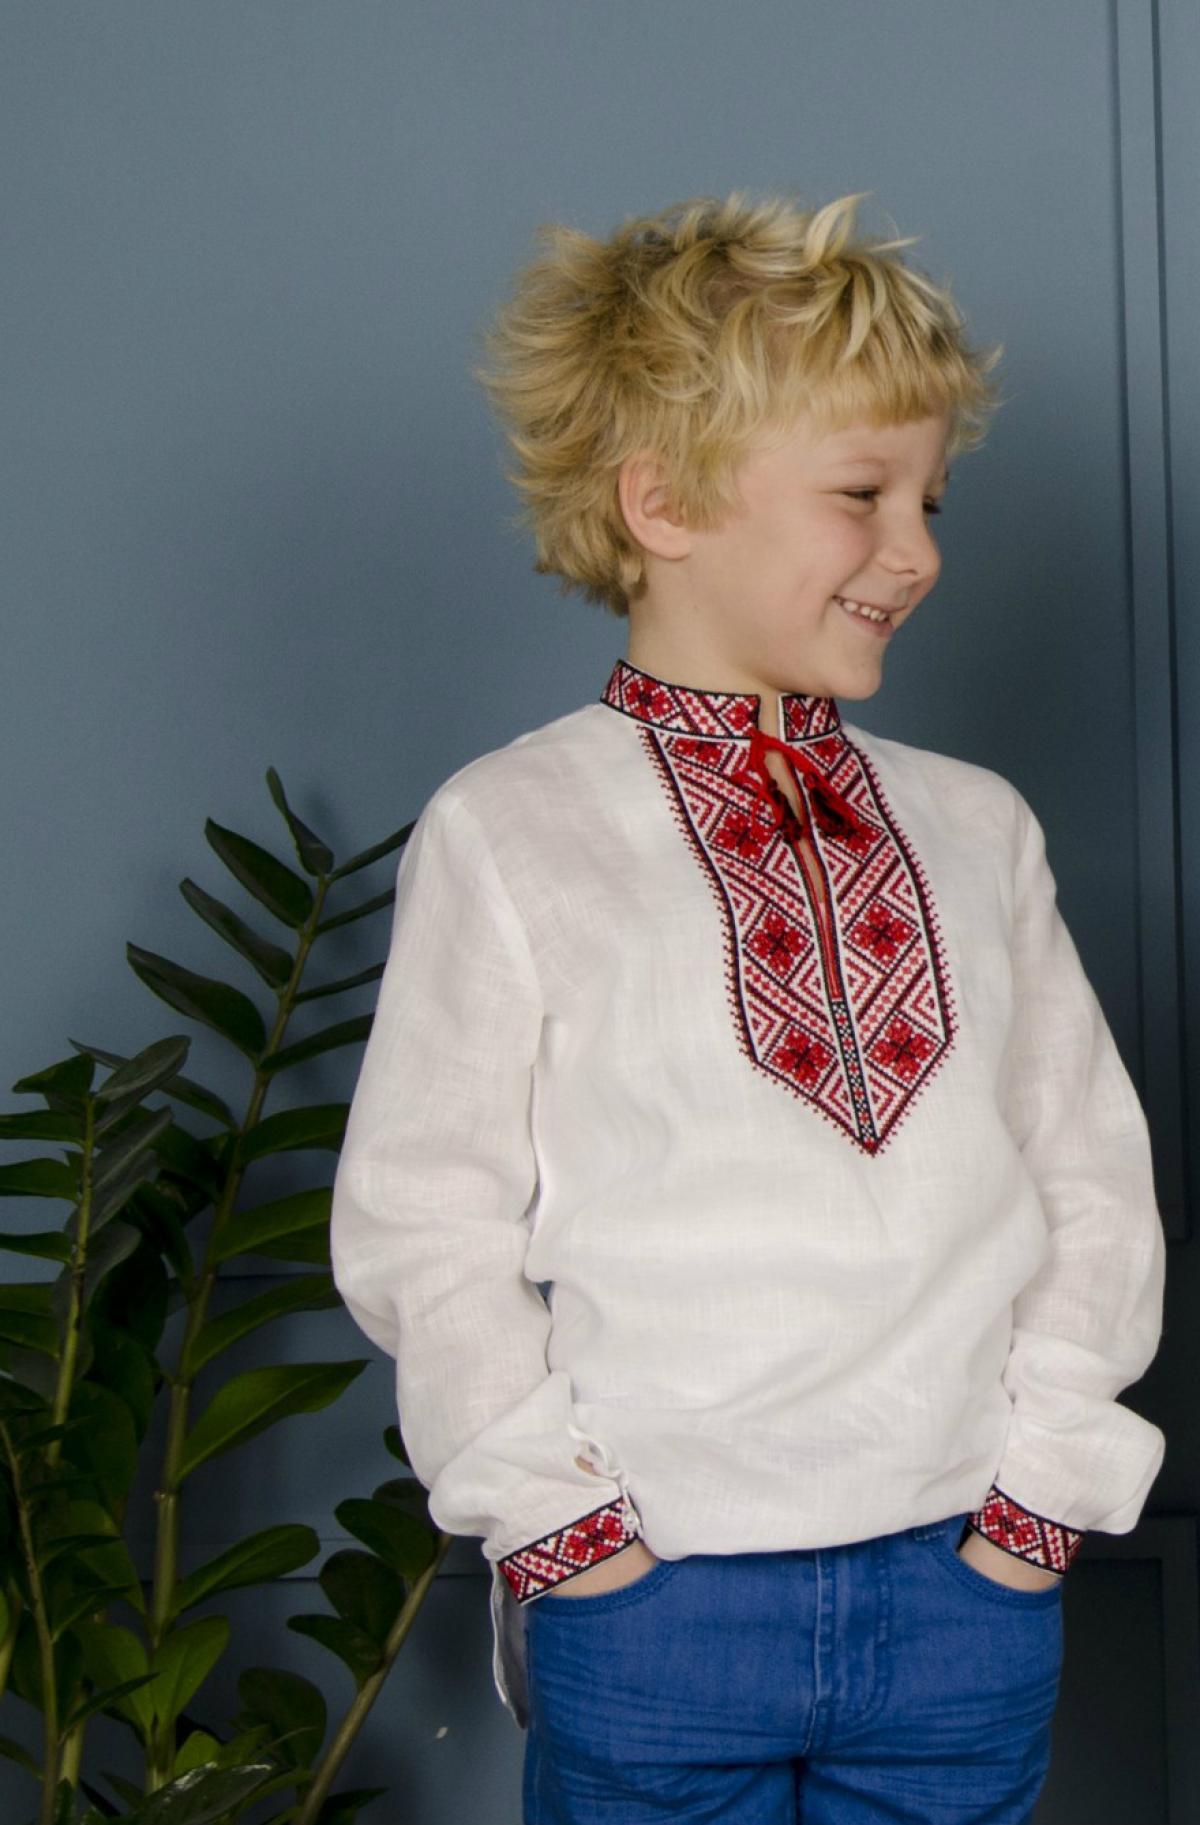 Вишиванка для хлопчика з червоно-чорною вишивкою. Фото №1. | Народний дім Україна